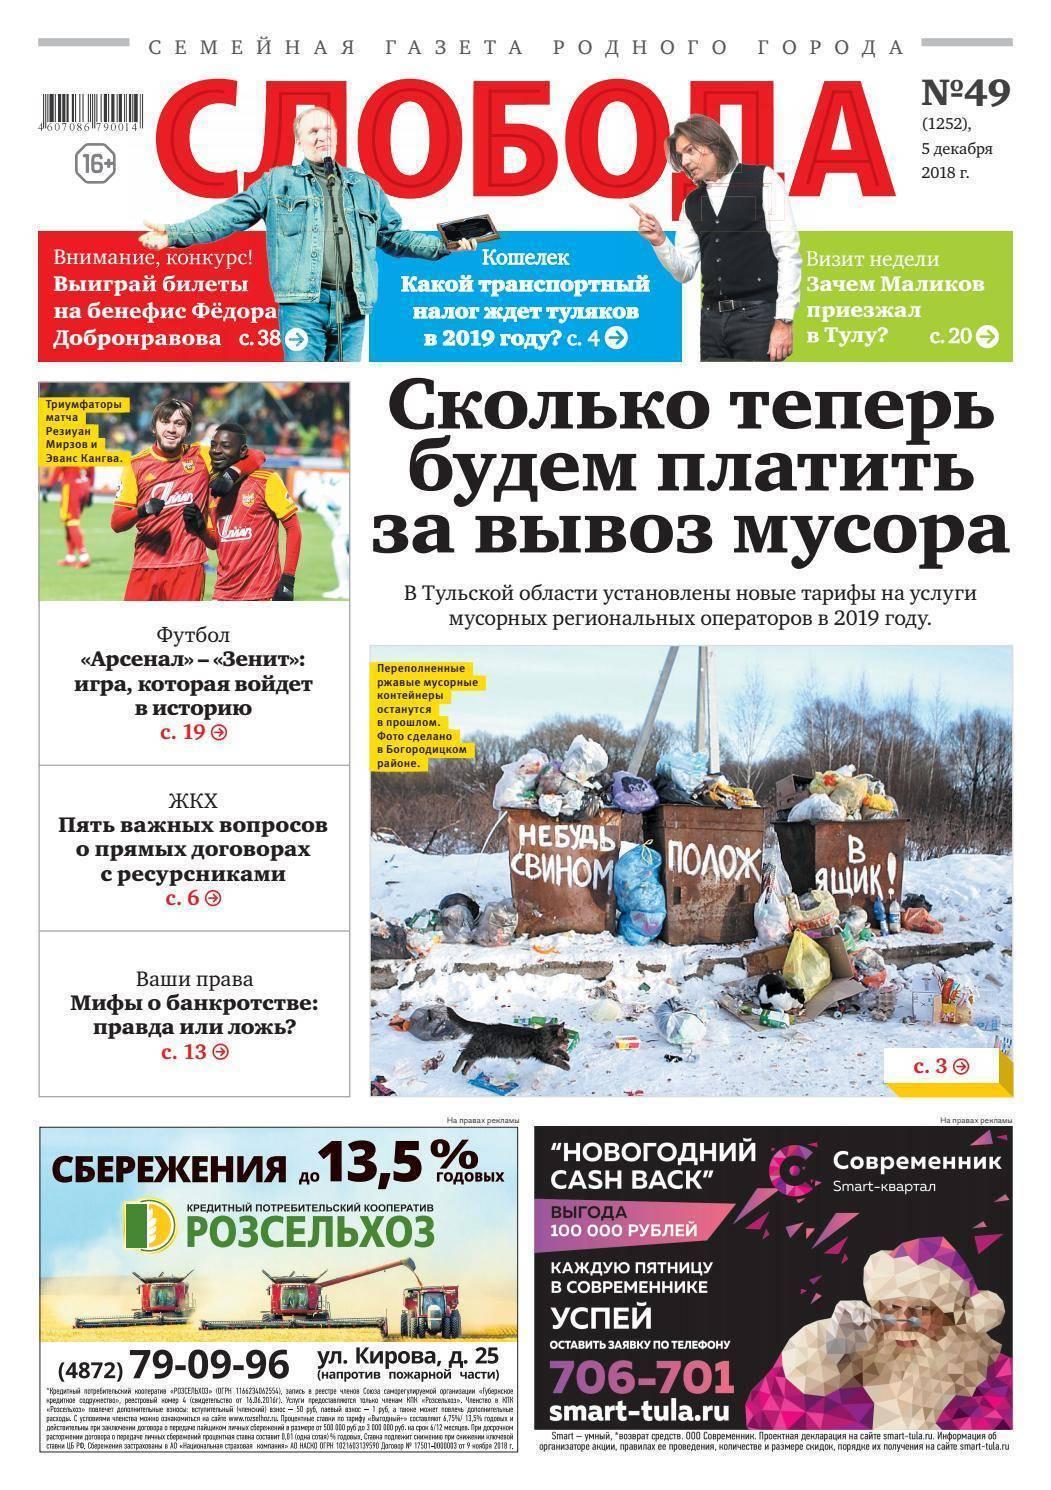 Средства и участники борьбы с московскими клопами